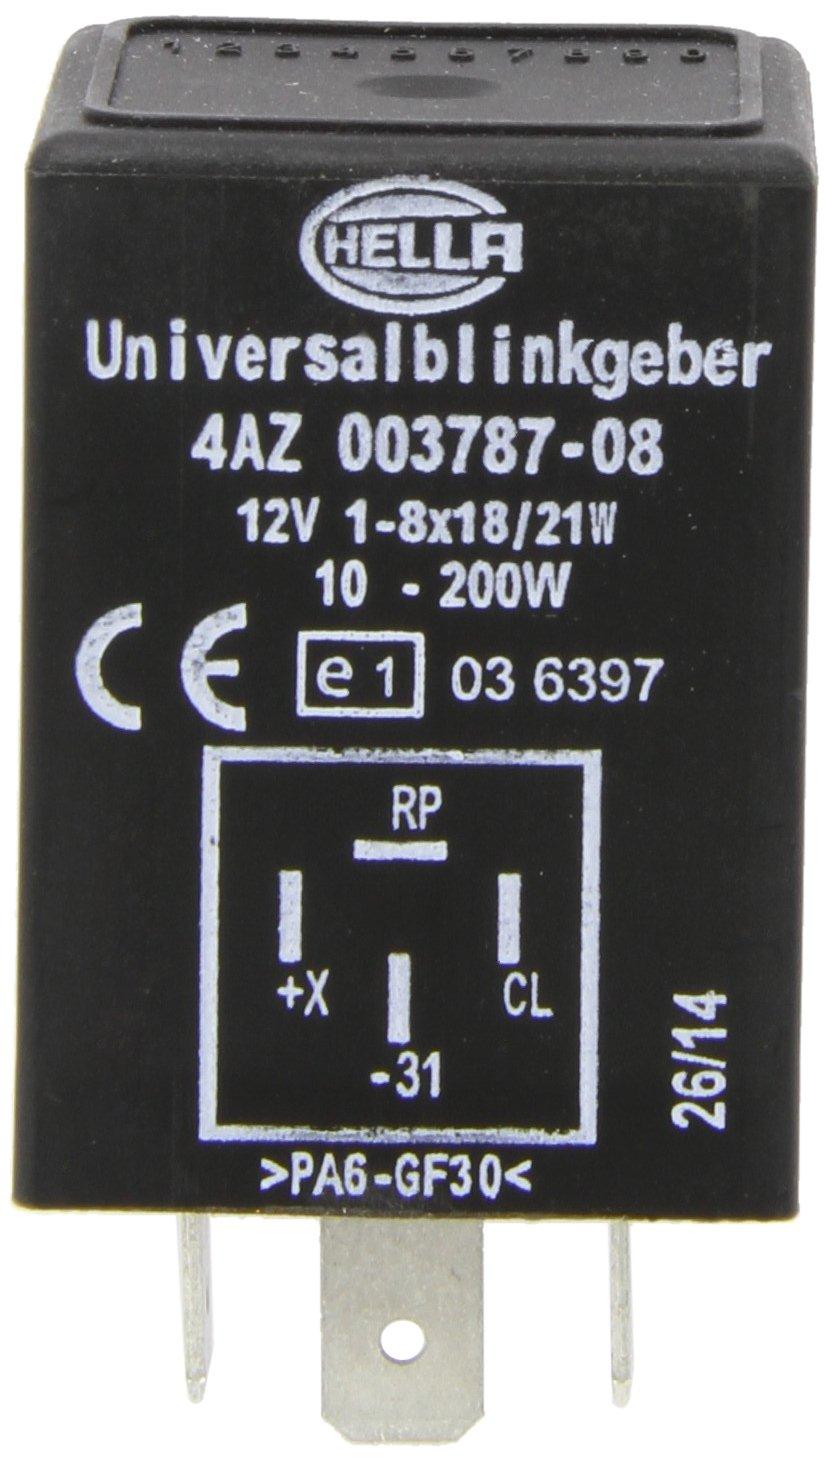 HELLA 4AZ 003 787-081 Blinkgeber, 12V, mit Halter, mit Kabel Hella KGaA Hueck & Co.